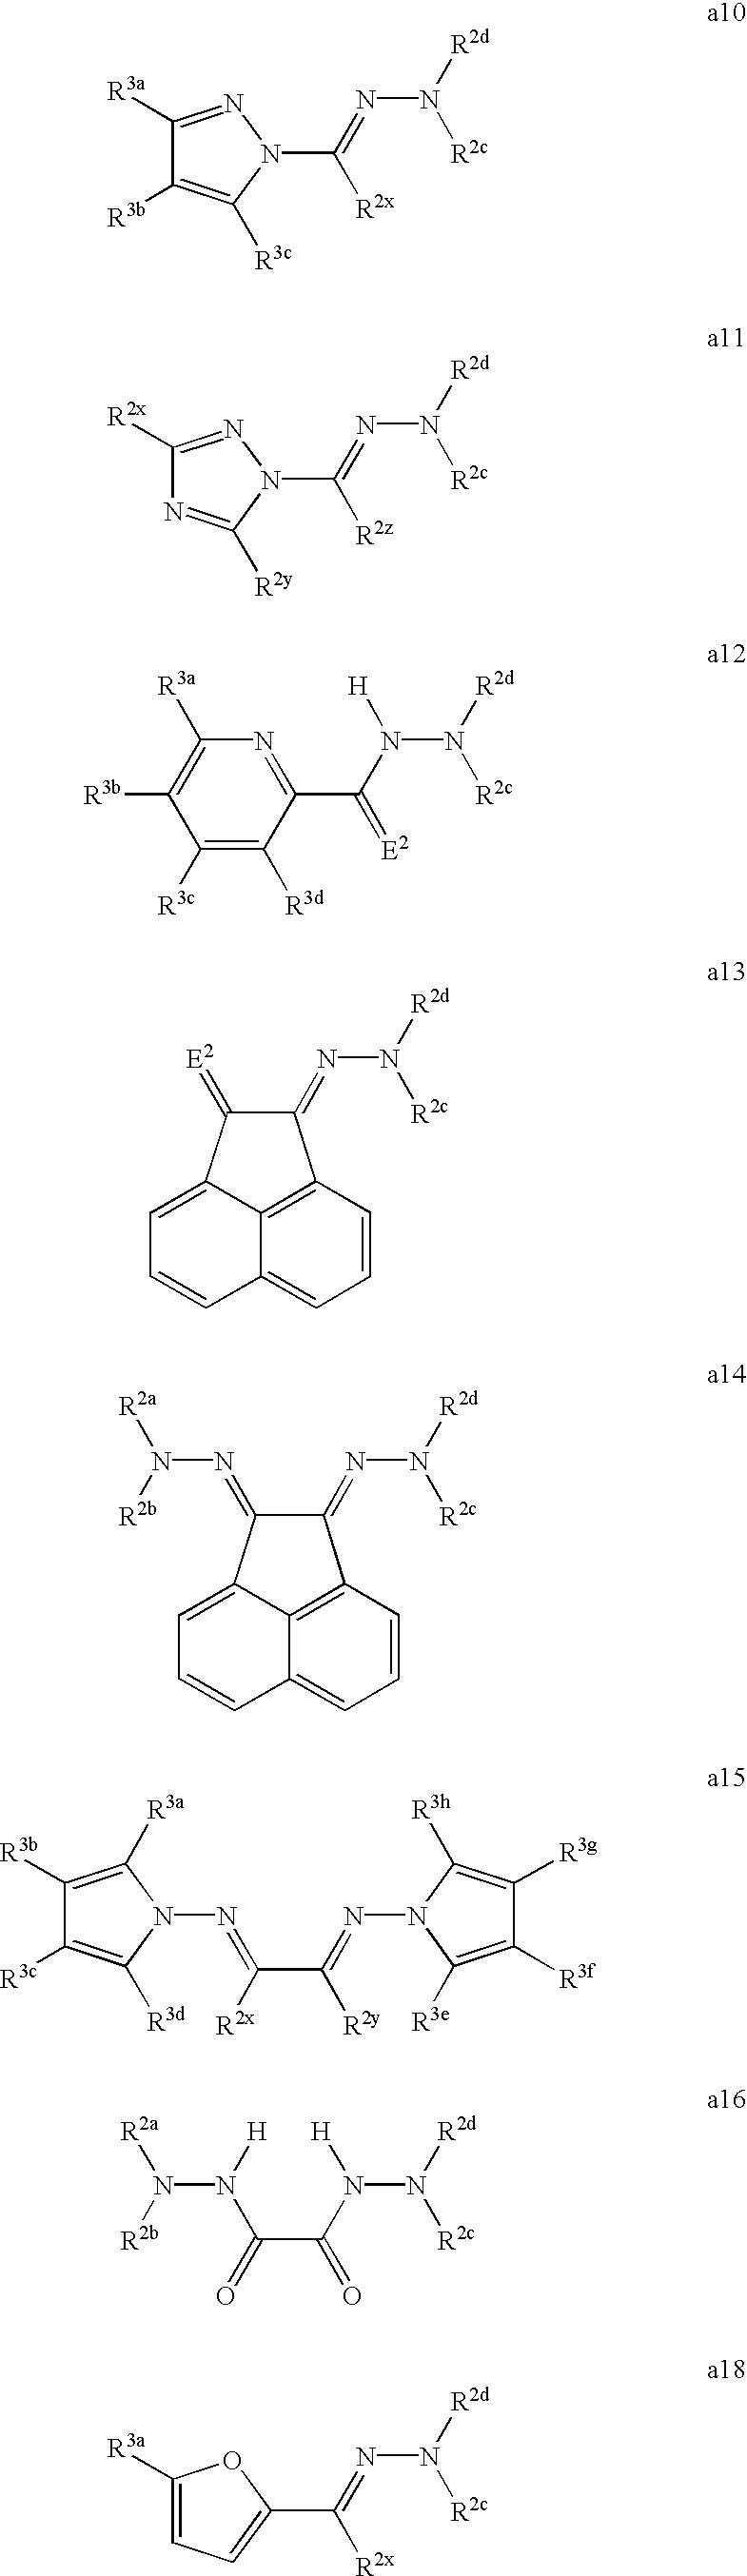 Figure US06545108-20030408-C00010